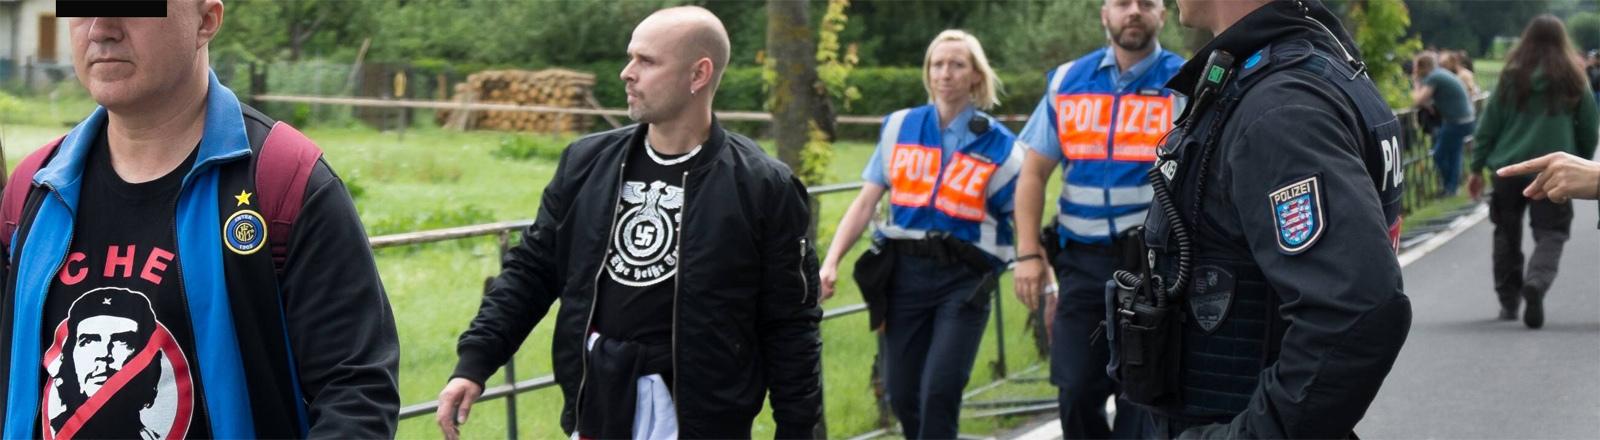 Mann mit Hakenkreuz auf T-Shirt wird von Thüringer Polizei im thüringischen Themar bei einem Nazi-Rockkonzert im Sommer 2017 abgefangen